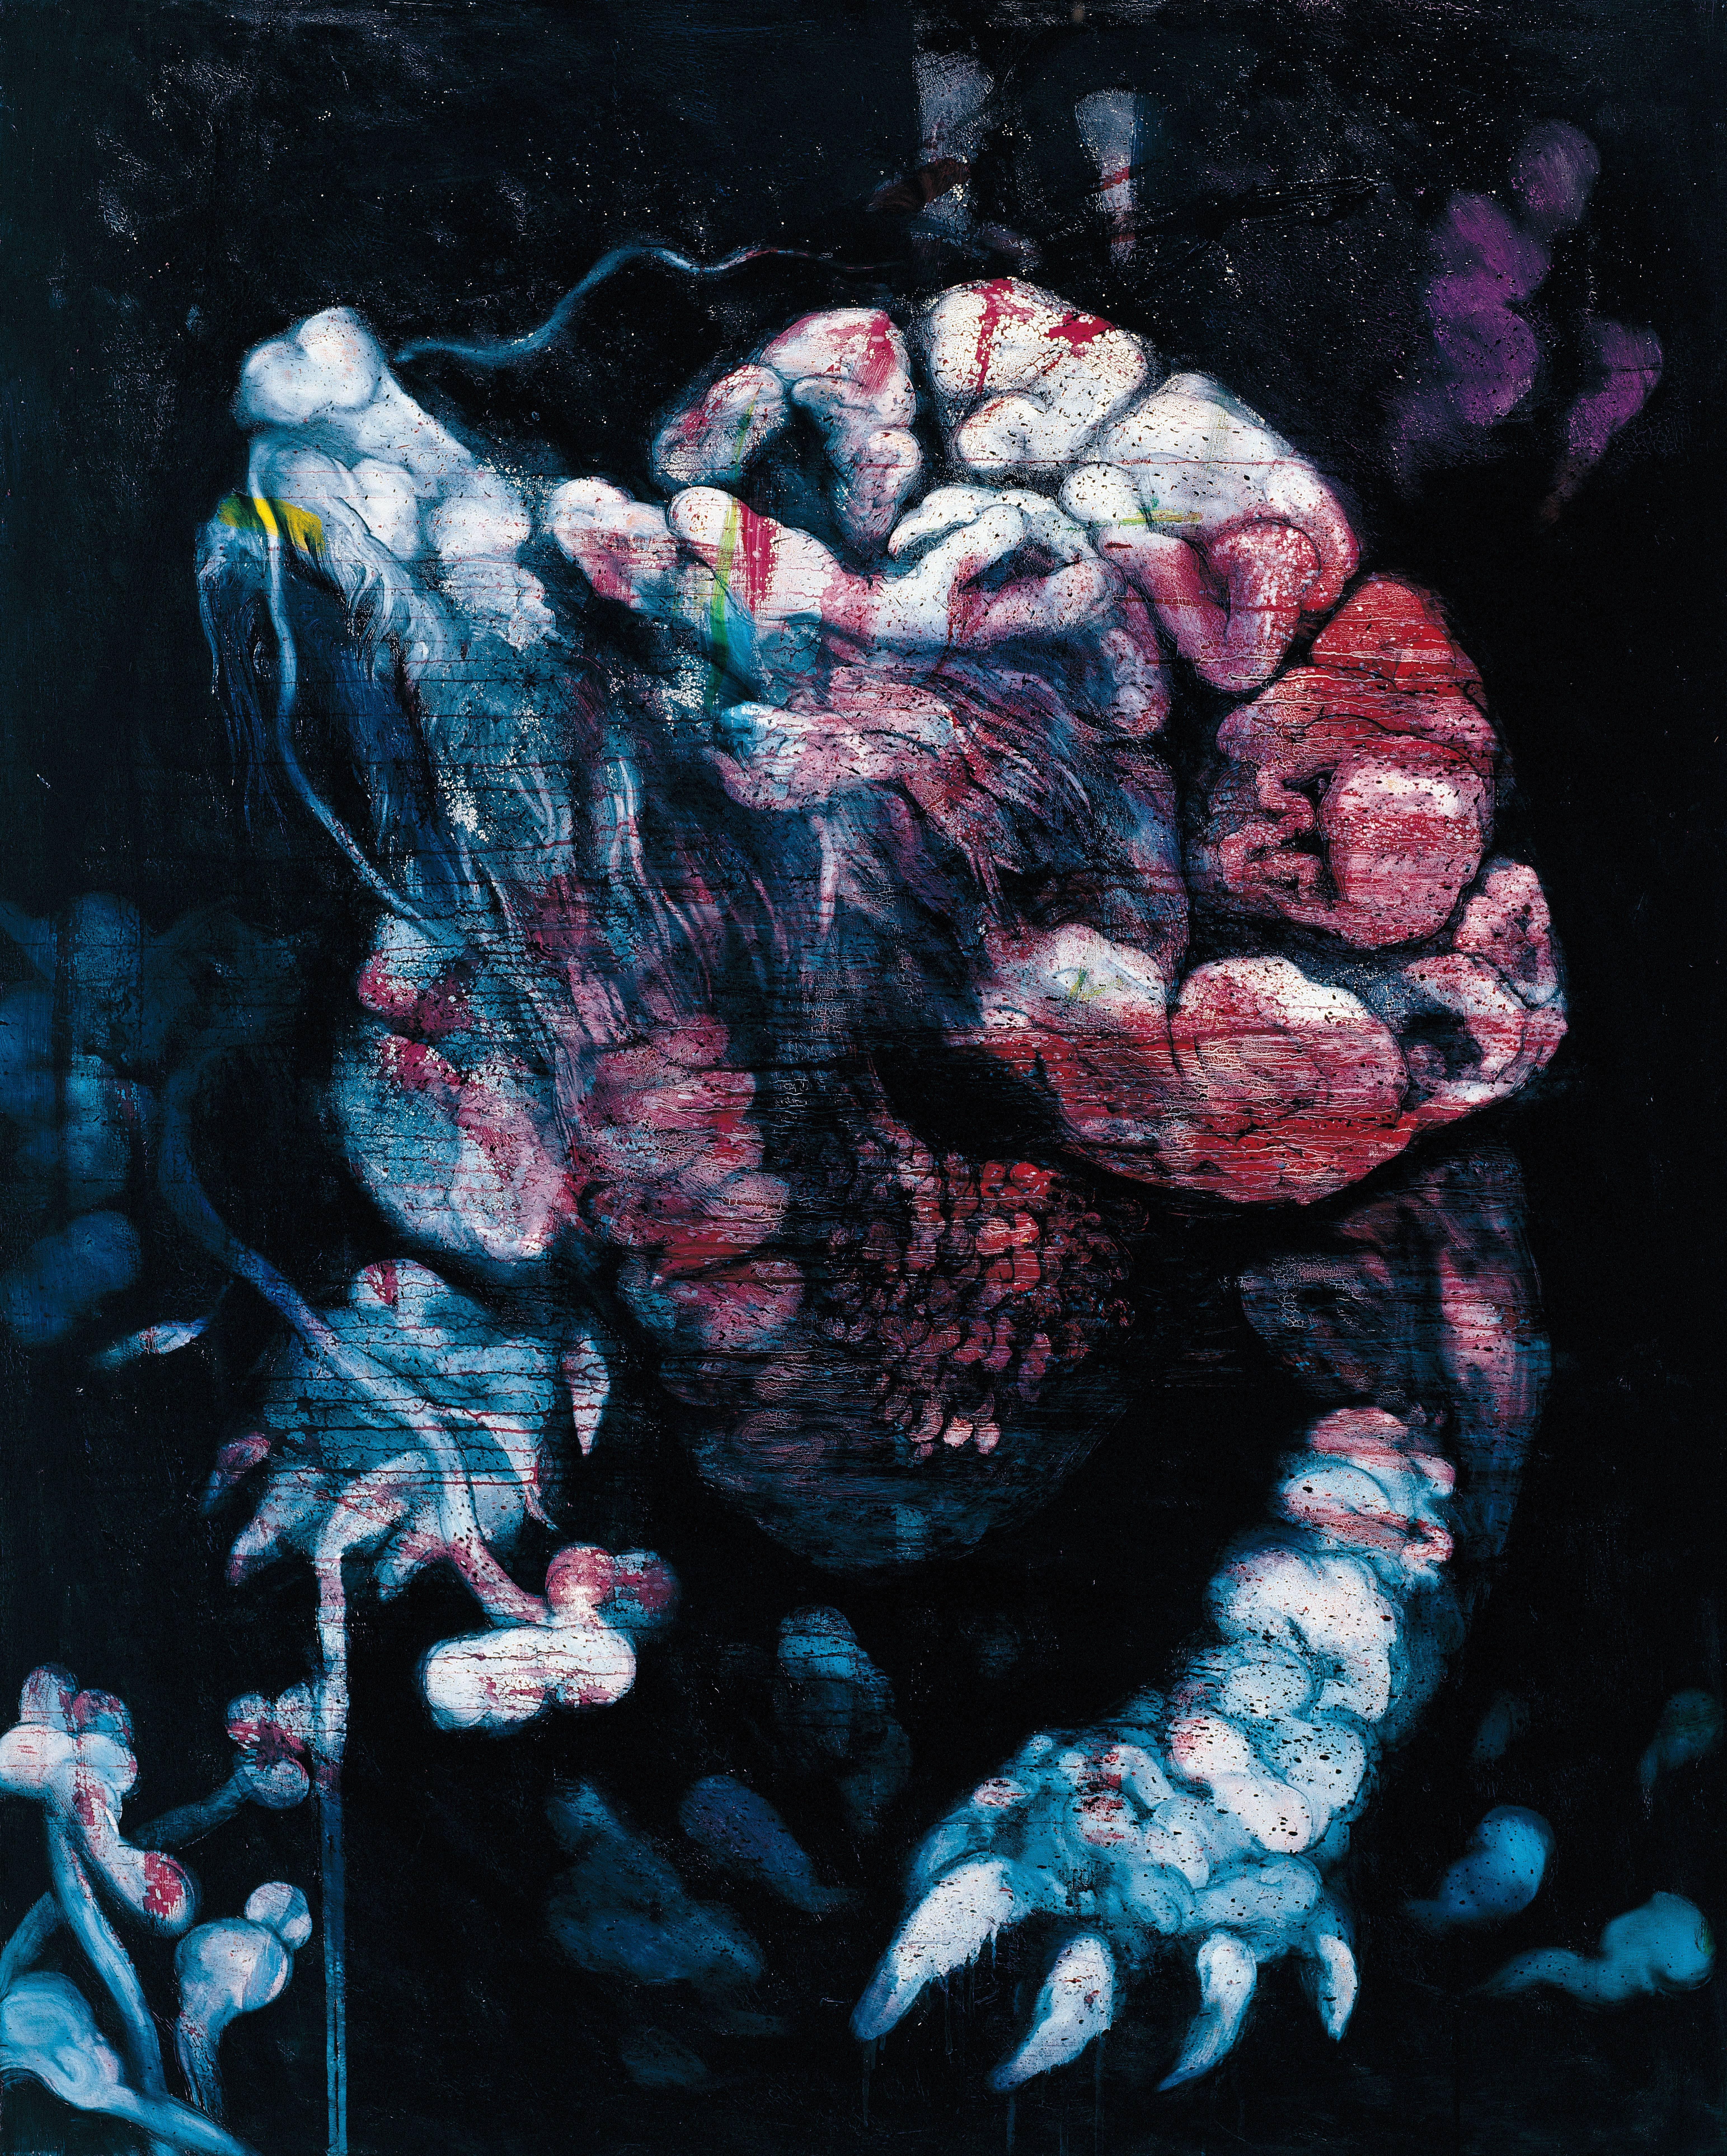 常陵|五花肉系列-肉花鳥-玄武出世圖|2007|油彩|162x130cm